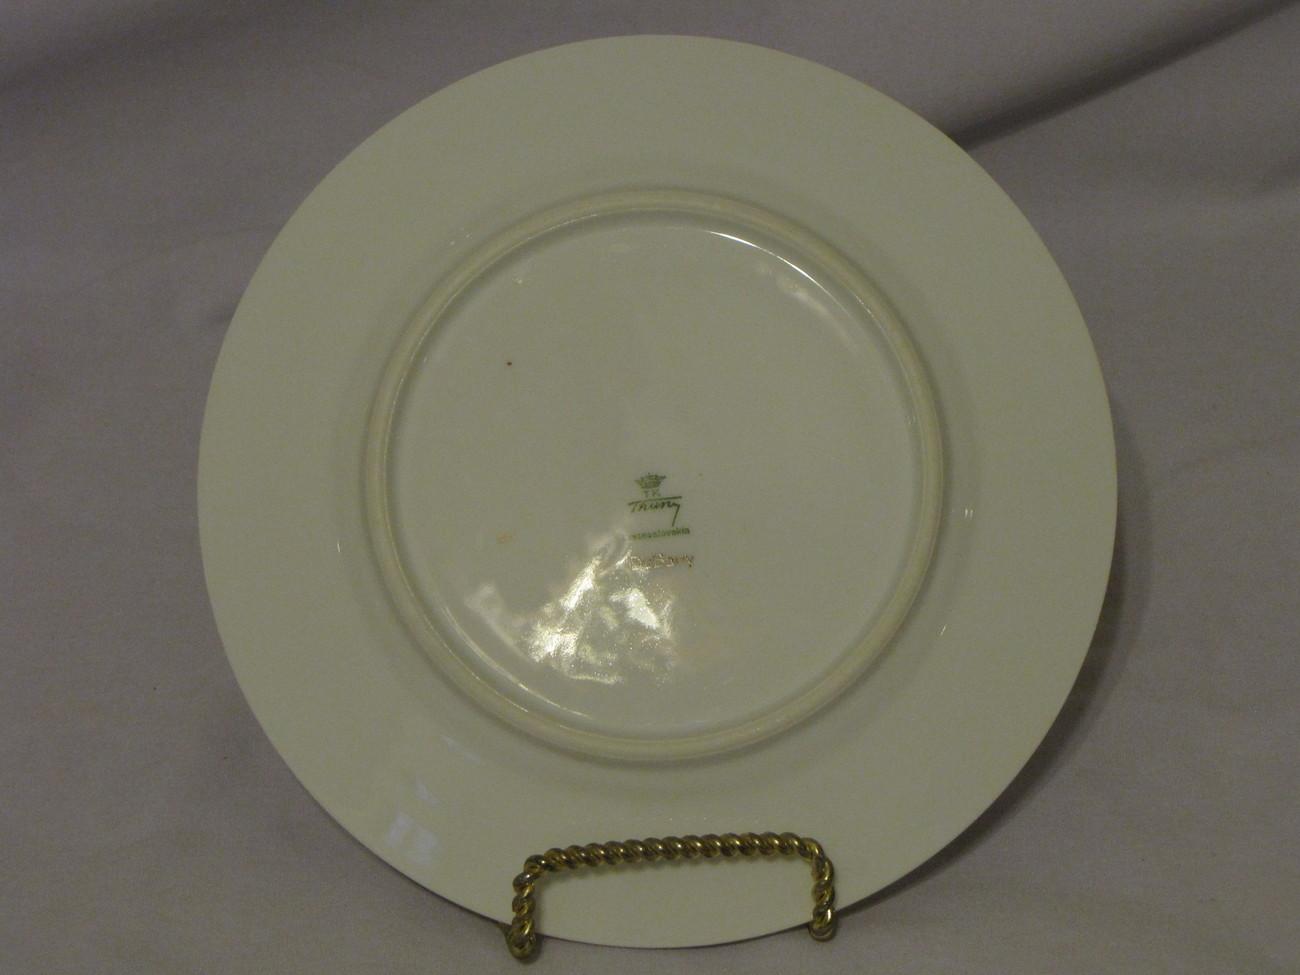 TK Thuny DuBarry Salad Plate Czechoslovakia